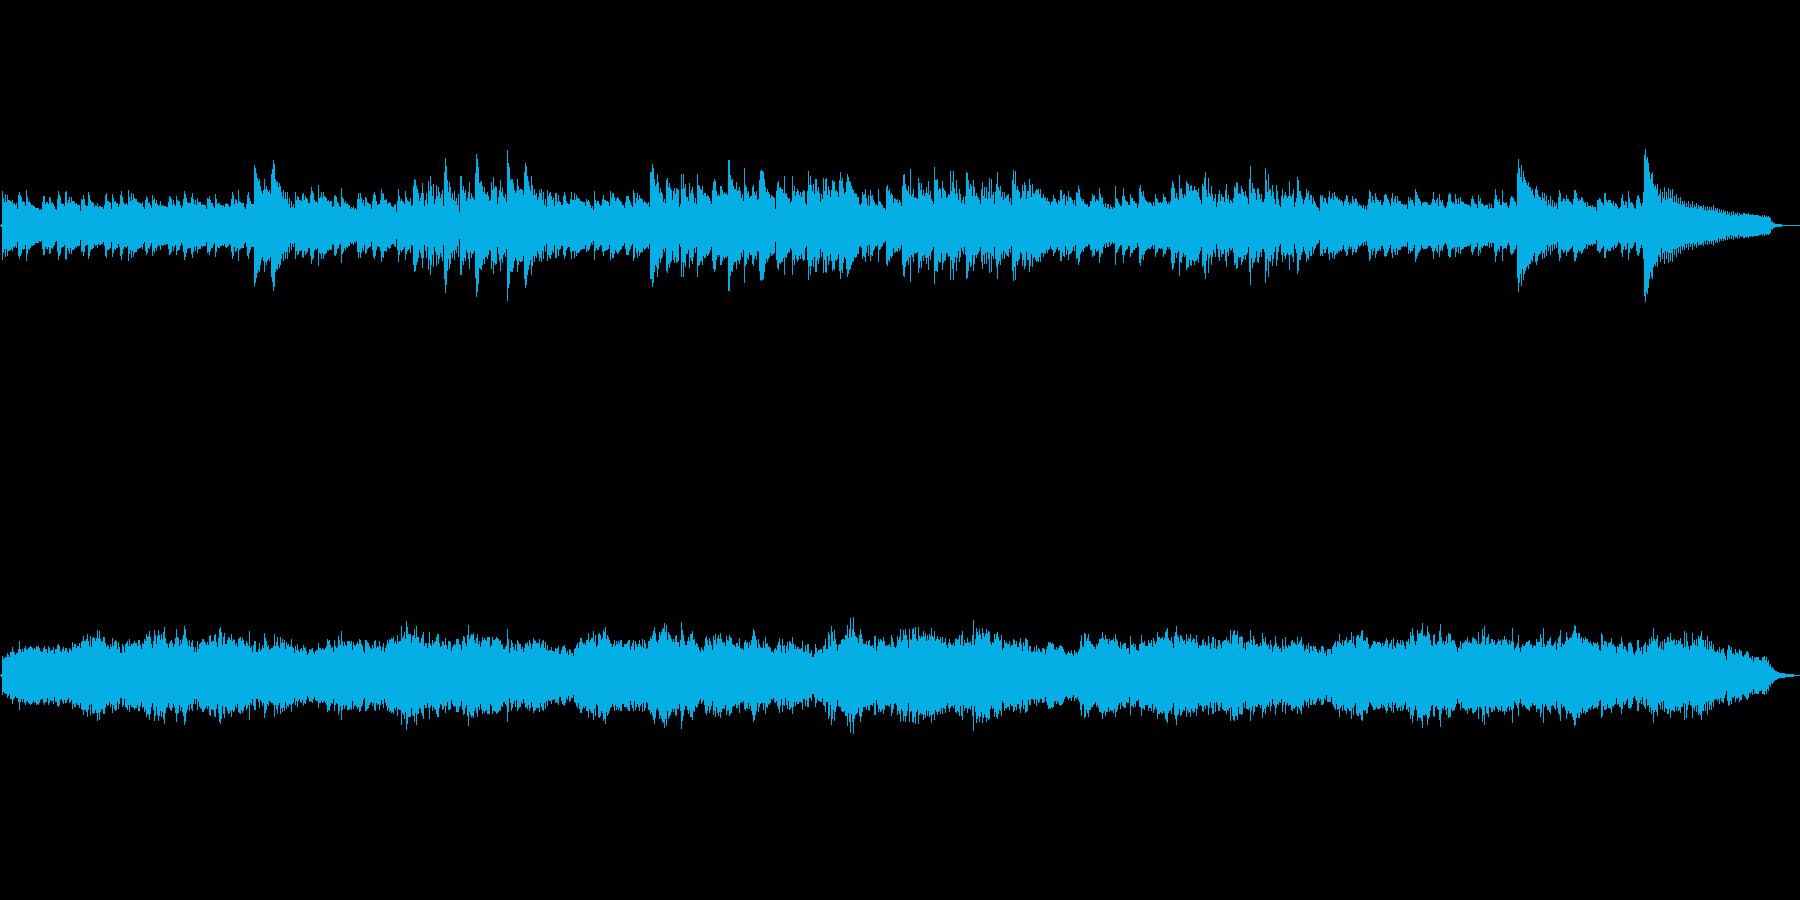 アランフィス協奏曲の冒頭をギターアレン…の再生済みの波形